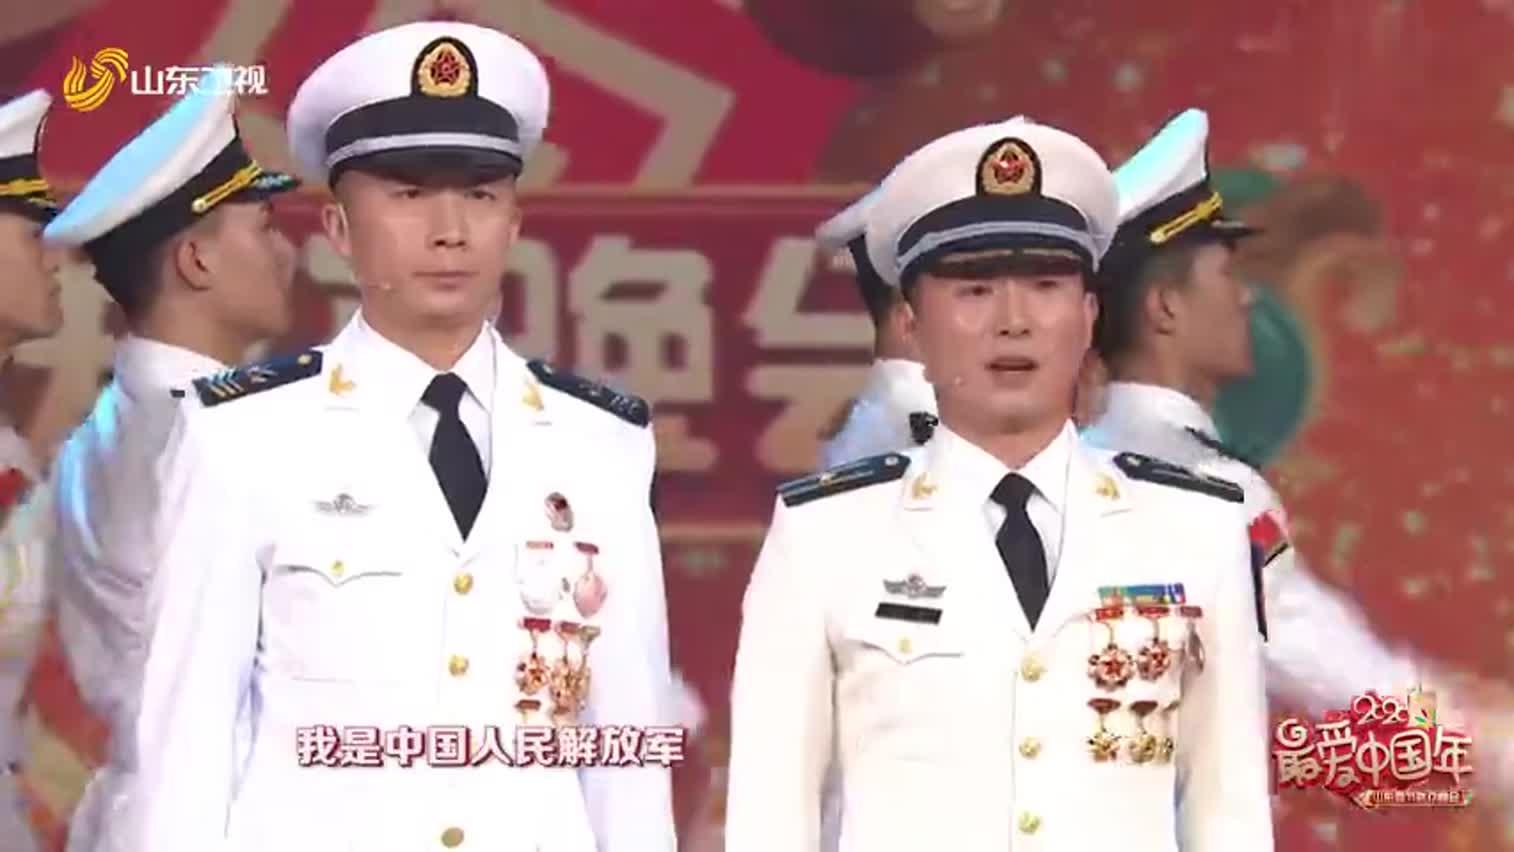 中国首艘国产航母山东舰上的山东籍官兵代表张浩、梁华栋登上舞台_20200123215018_466